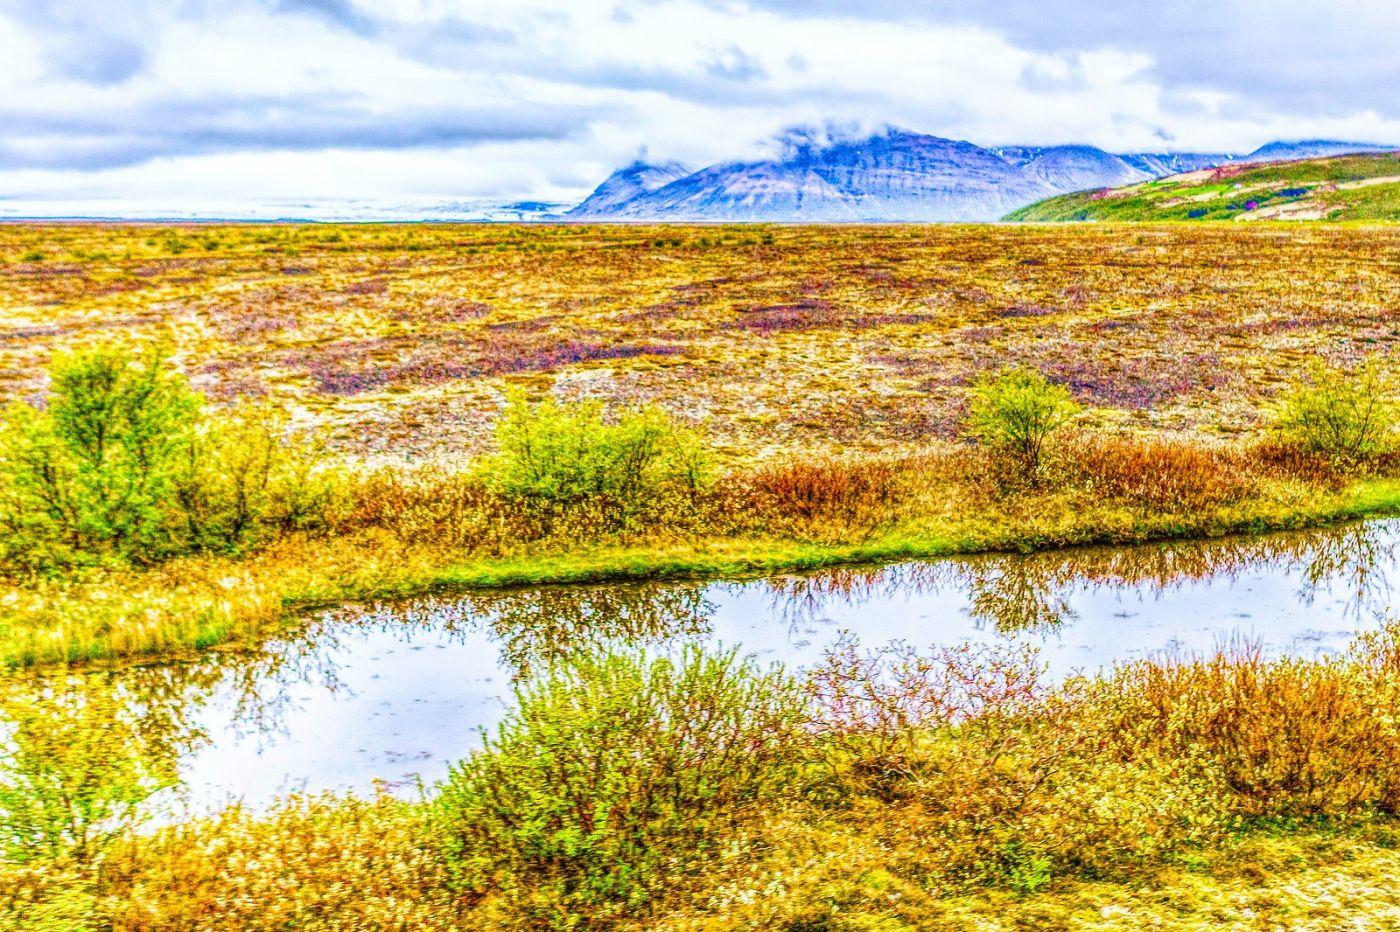 冰岛风采,延伸视野_图1-15